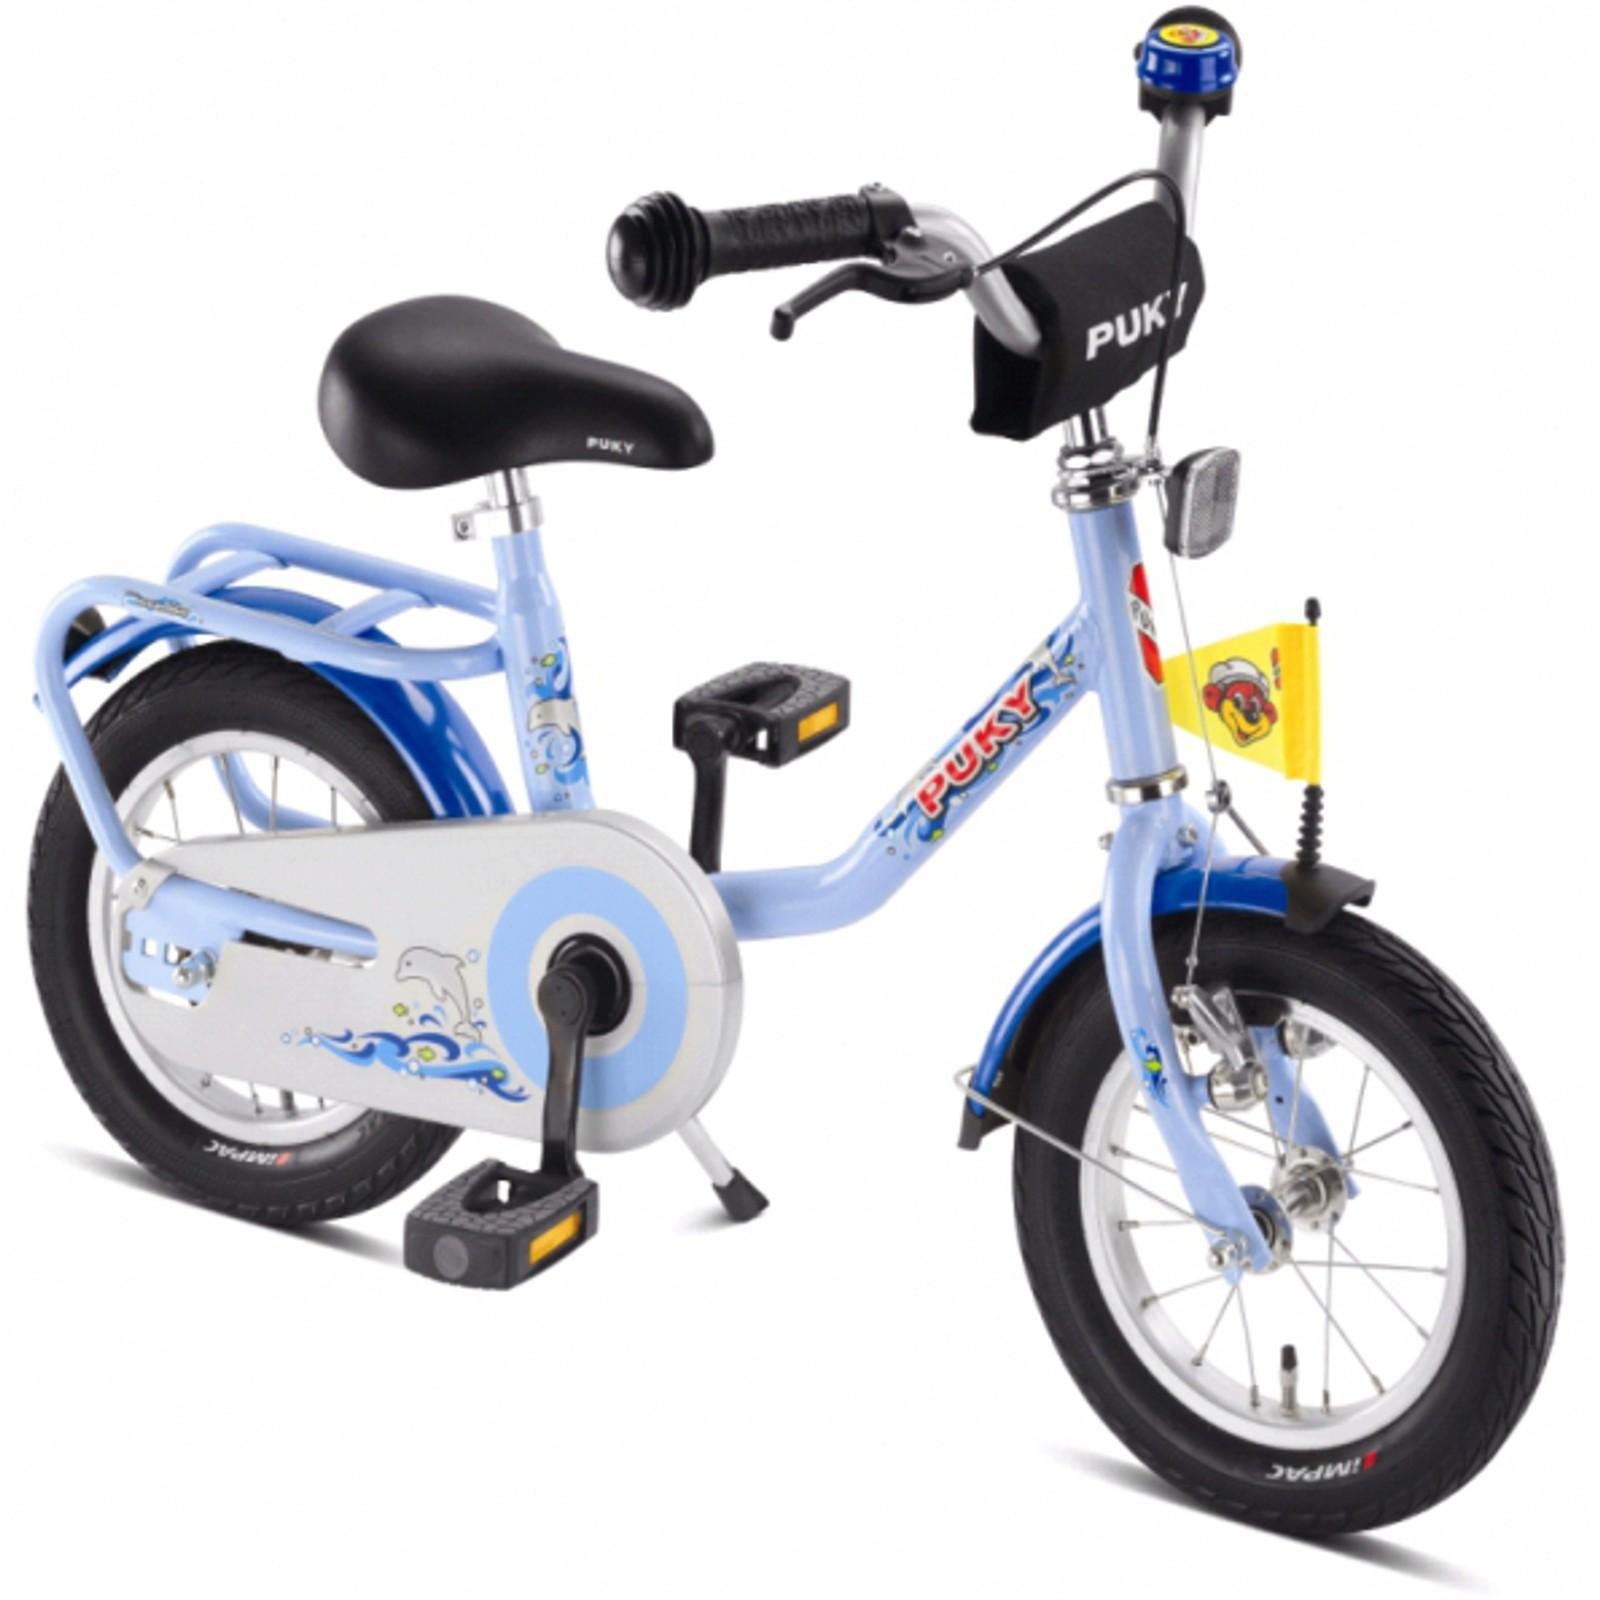 puky kinder fahrrad z 2 ocean blue g nstig kaufen sport. Black Bedroom Furniture Sets. Home Design Ideas